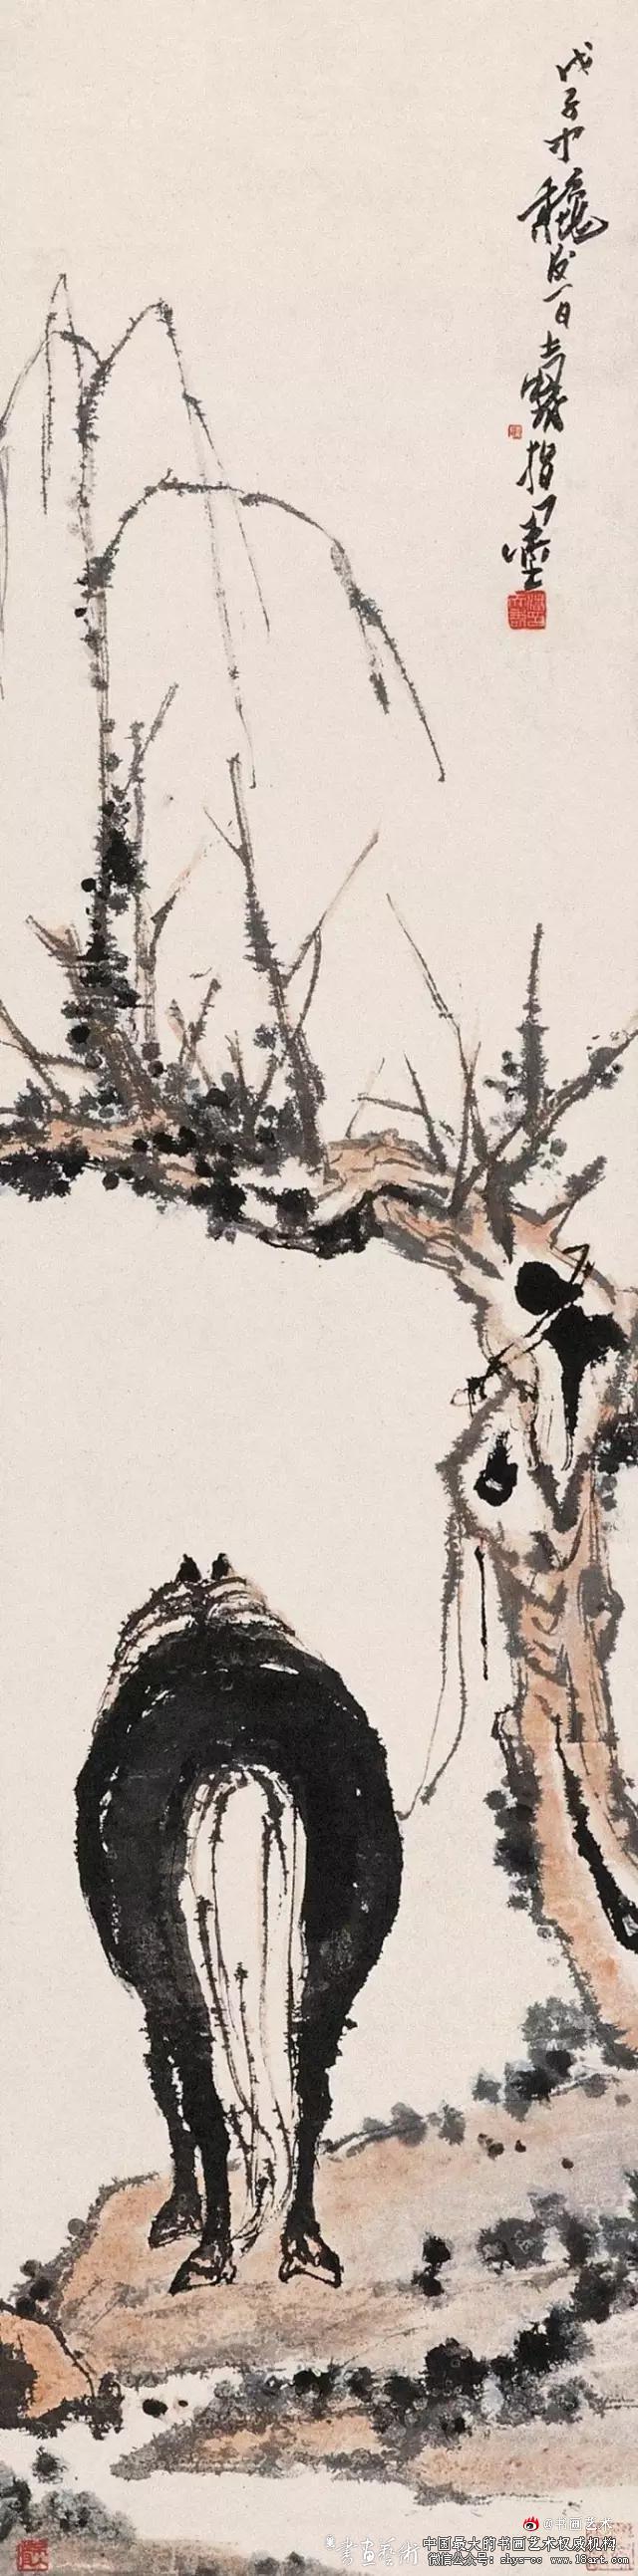 潘天寿 1948年作 西风古道135.3×33.6cm